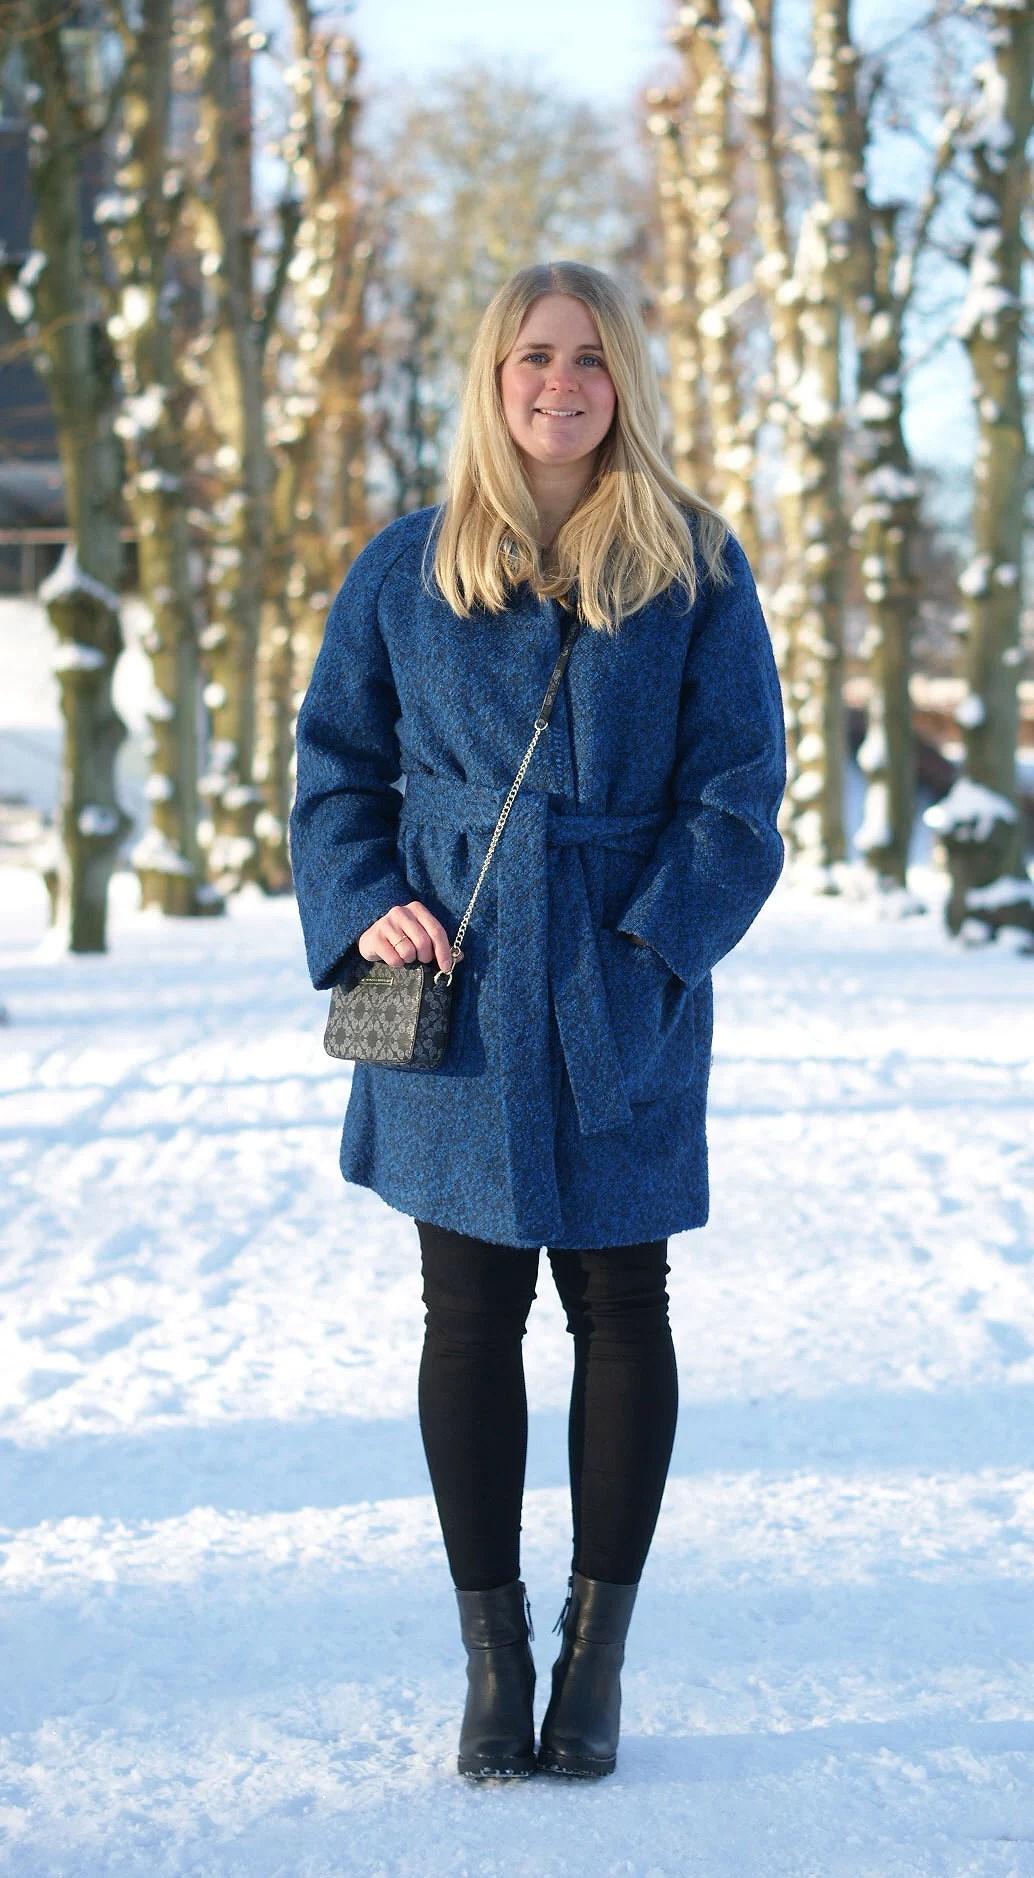 Modeblogger, Ganni frakke, Ganni, Ganni blå frakke, Blå frakke, Ganni, Aalborg blog, Aalborg modeblogger, Nordjysk modeblogger, Aalborg kildeparken, Julie Mænnchen, DAY, Day Birger Et Mikkelsen